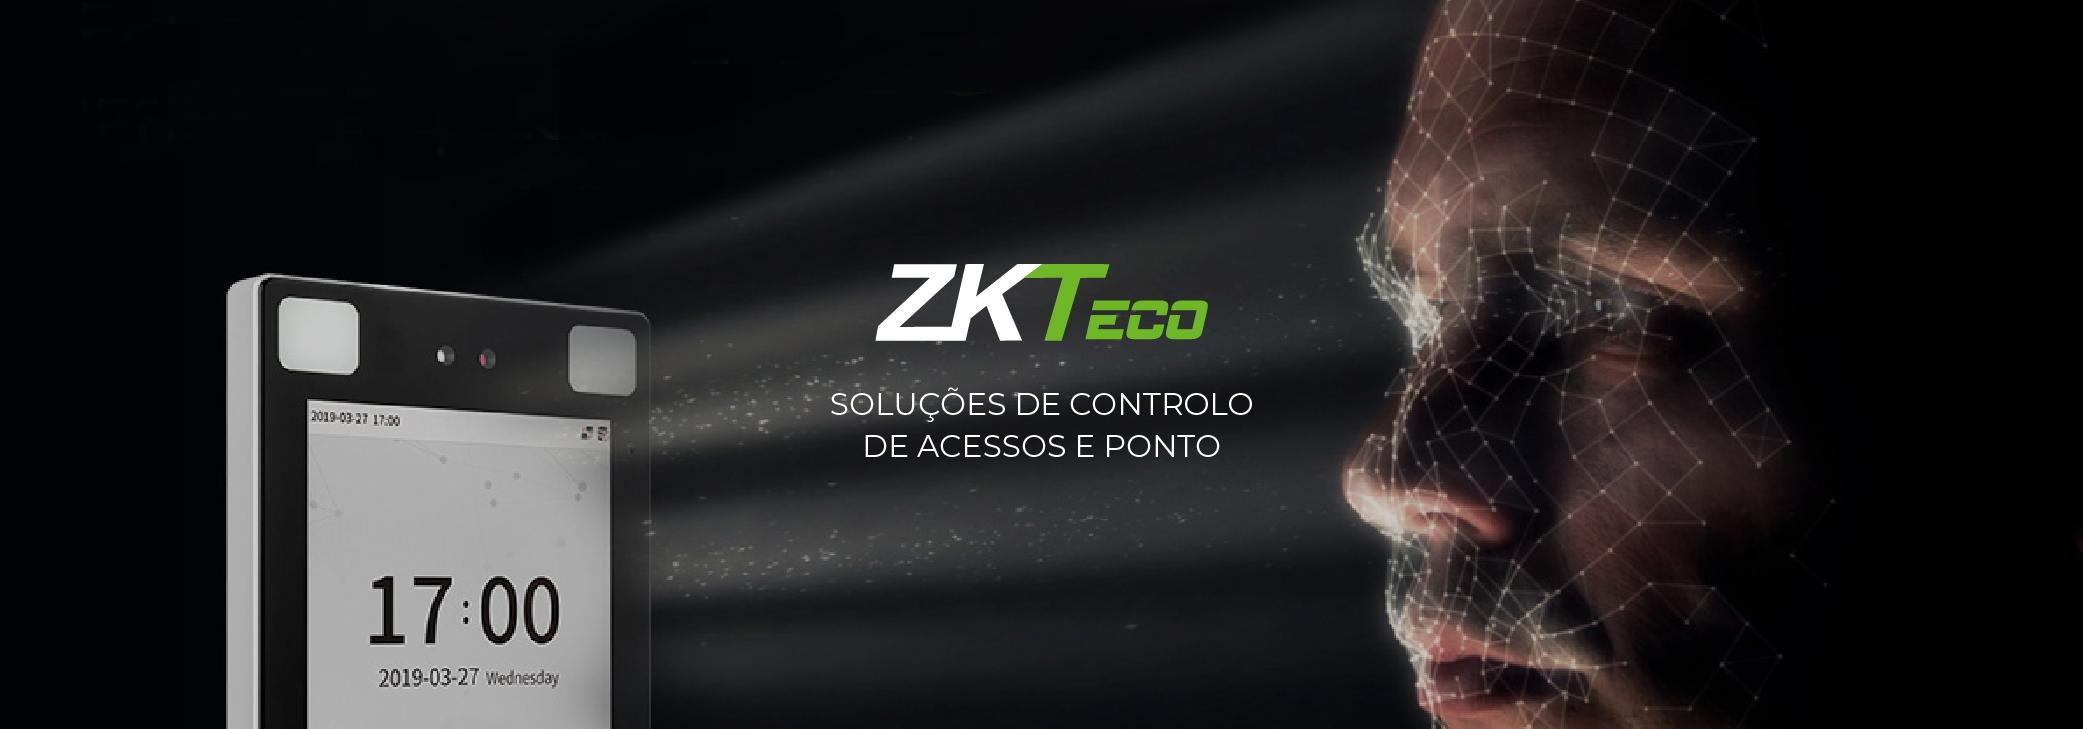 ZKTeco | Controlo de acessos e ponto sem contacto